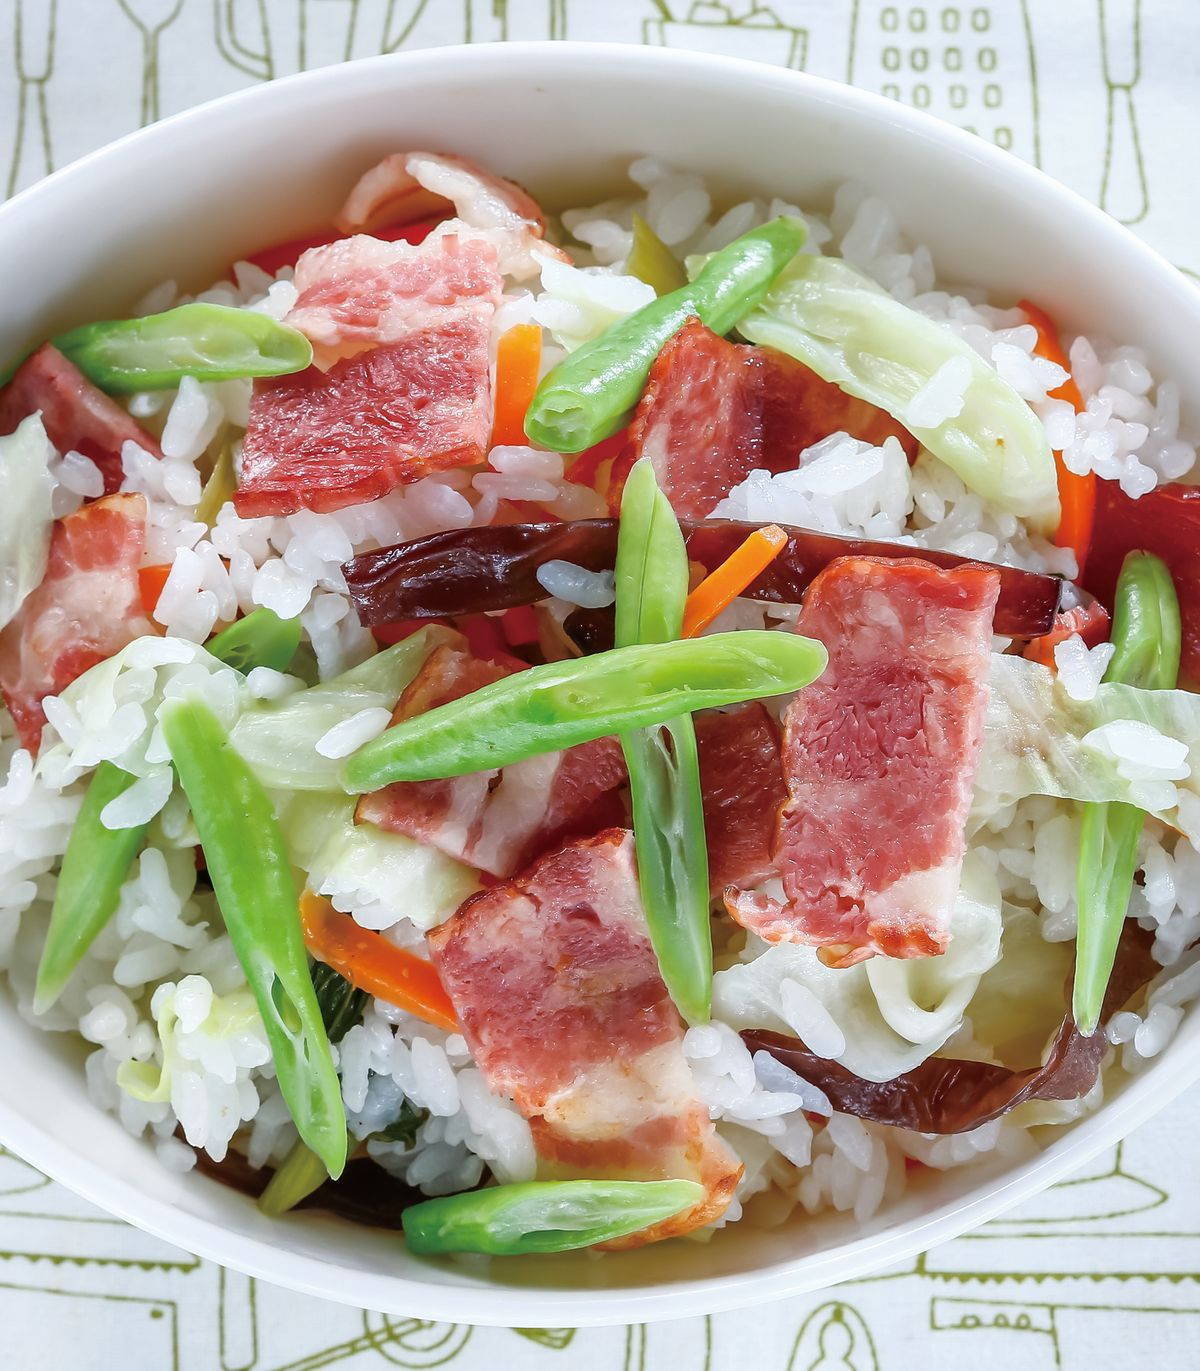 食譜:培根四季野菜炊飯